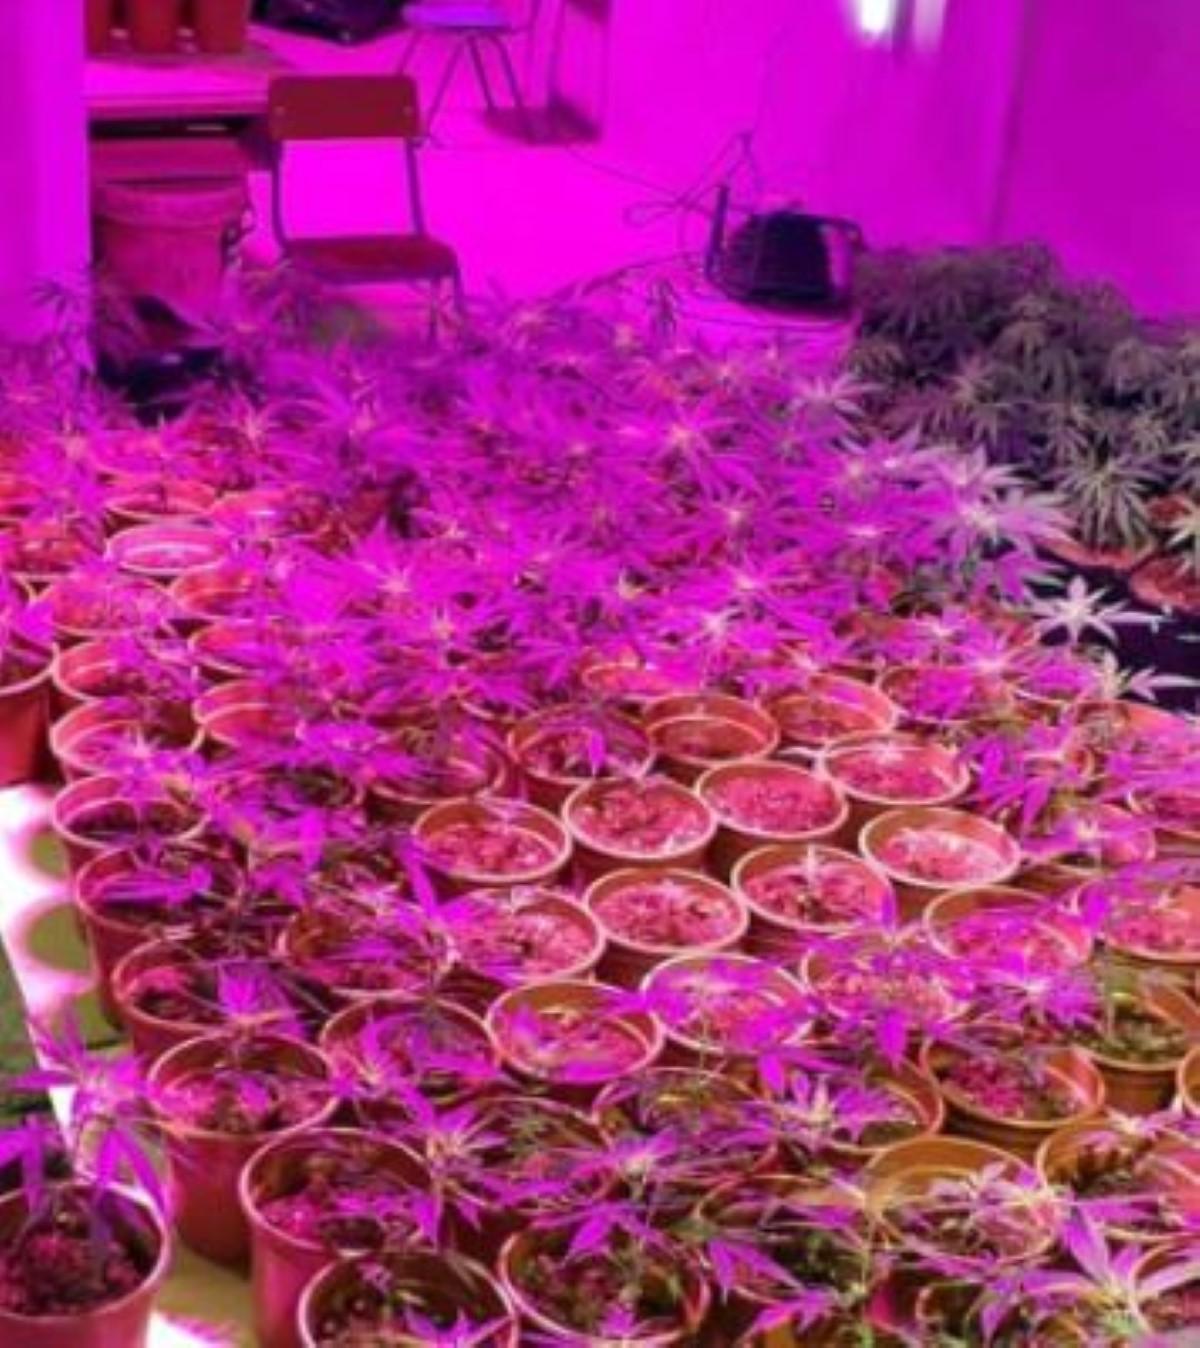 Du cannabis cultivés sous serre grâce à des panneaux Led